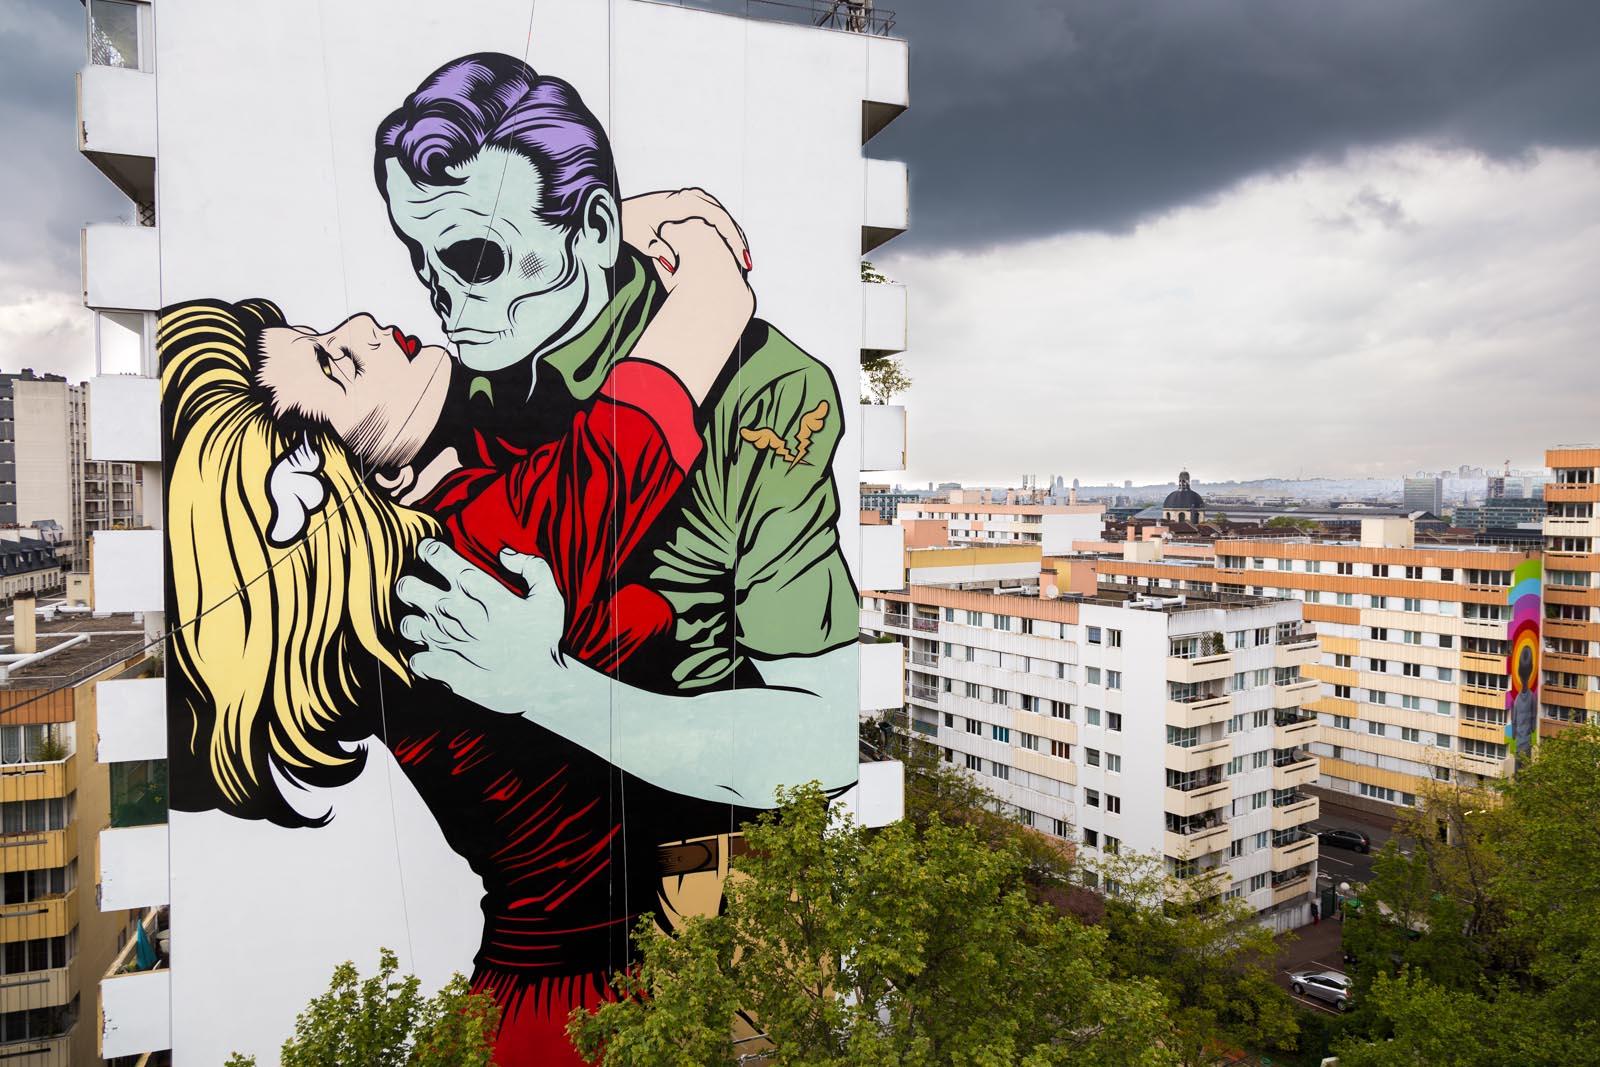 Love Wont Tear Us Apart By DFace In Paris France